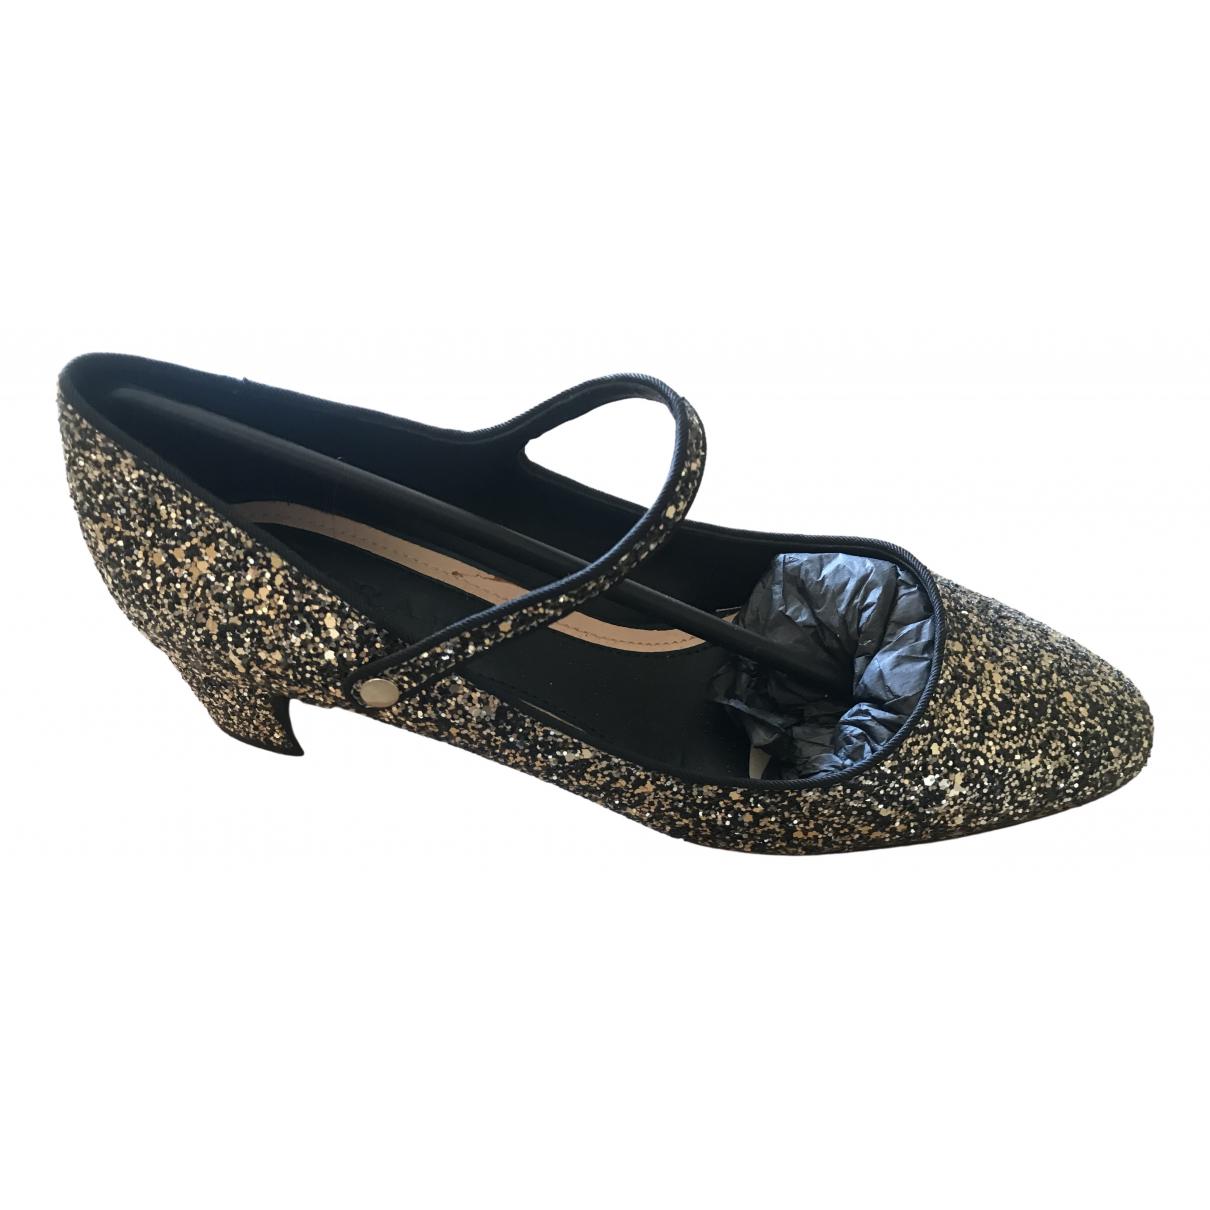 Zara \N Ballerinas in  Gold Mit Pailletten